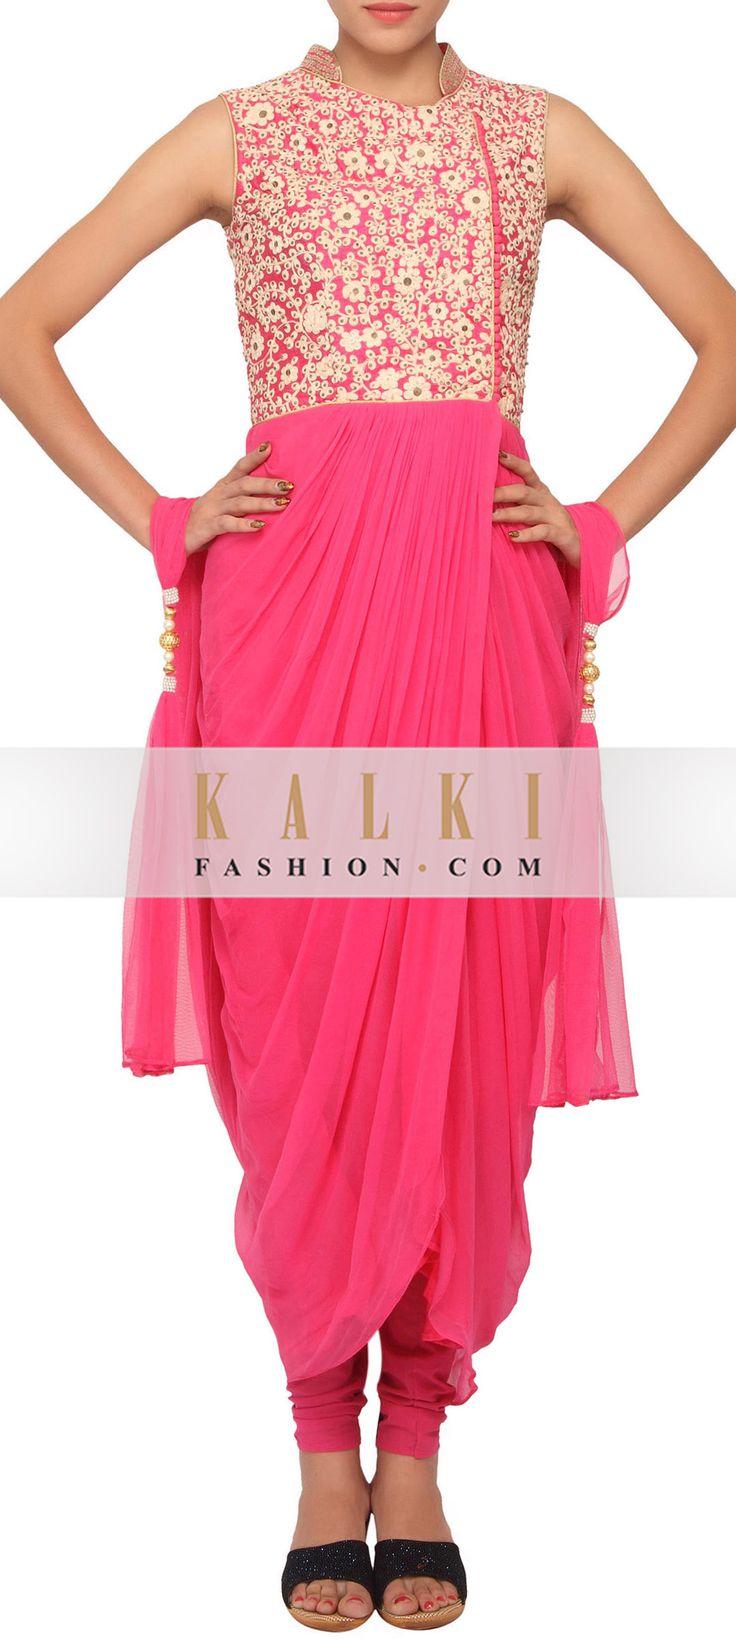 75 o más mejores imágenes de Anita Maharwal en fashion en Pinterest ...